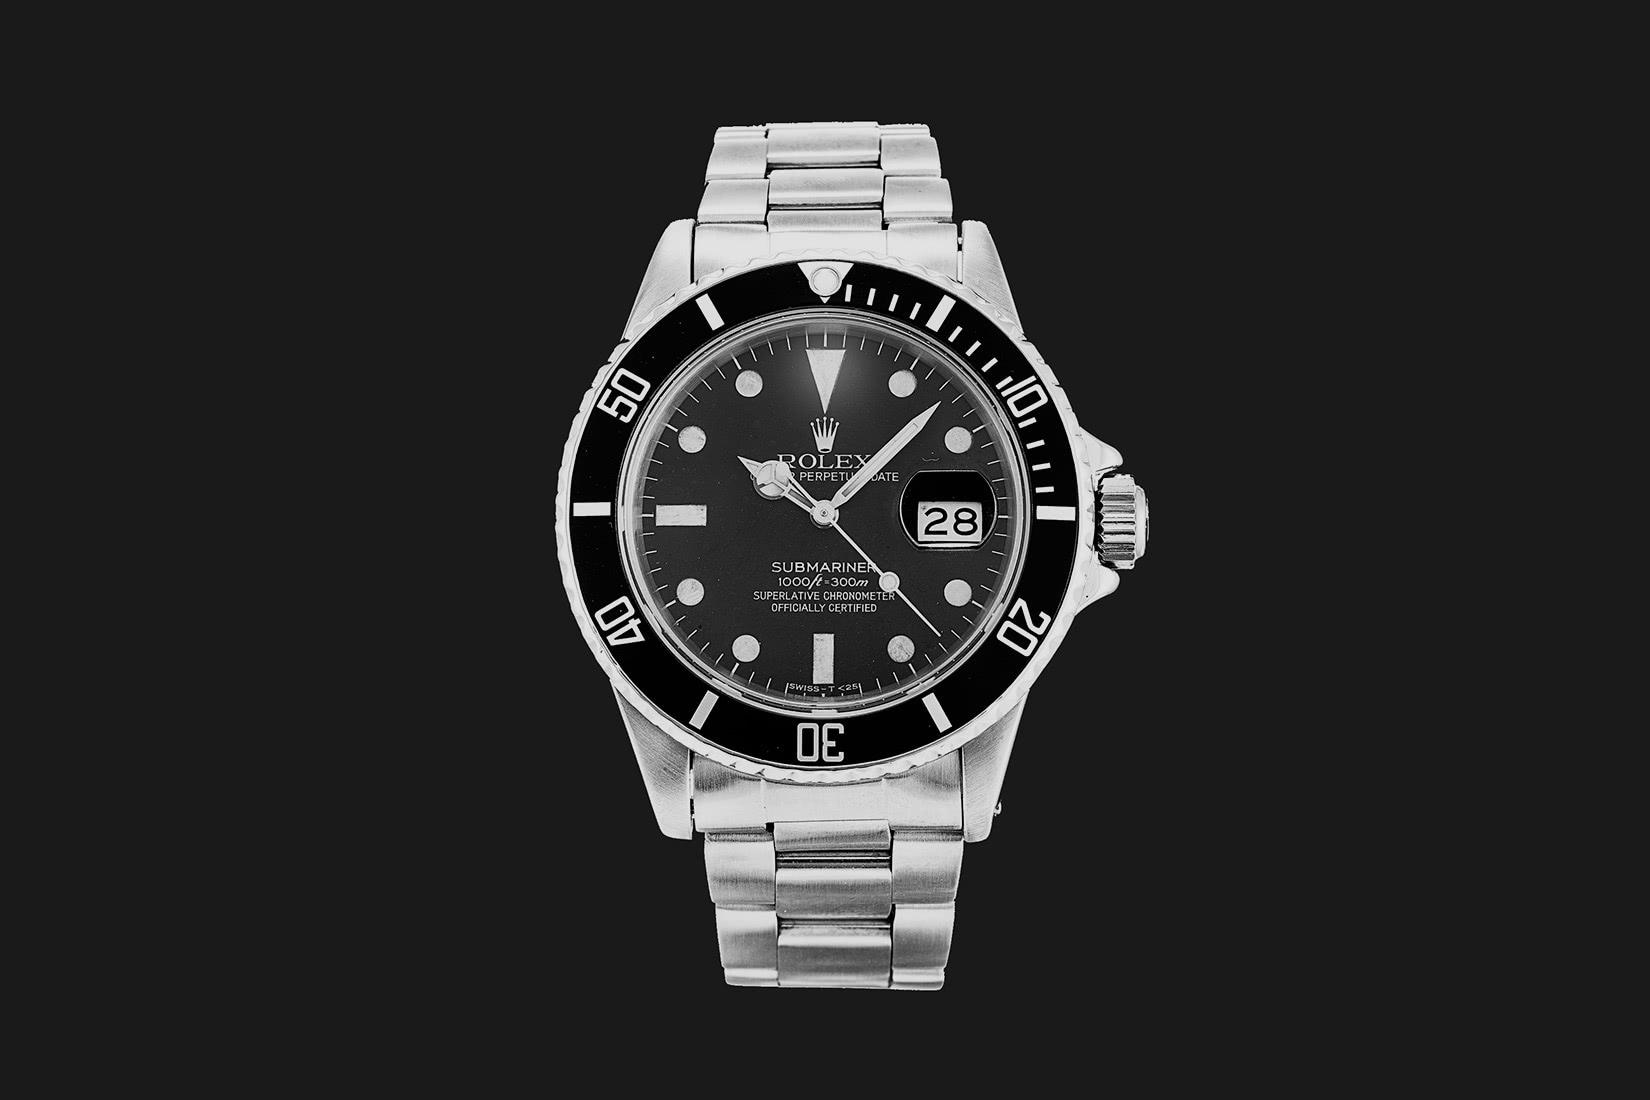 best dive watch rolex submariner 16800 - Luxe Digital